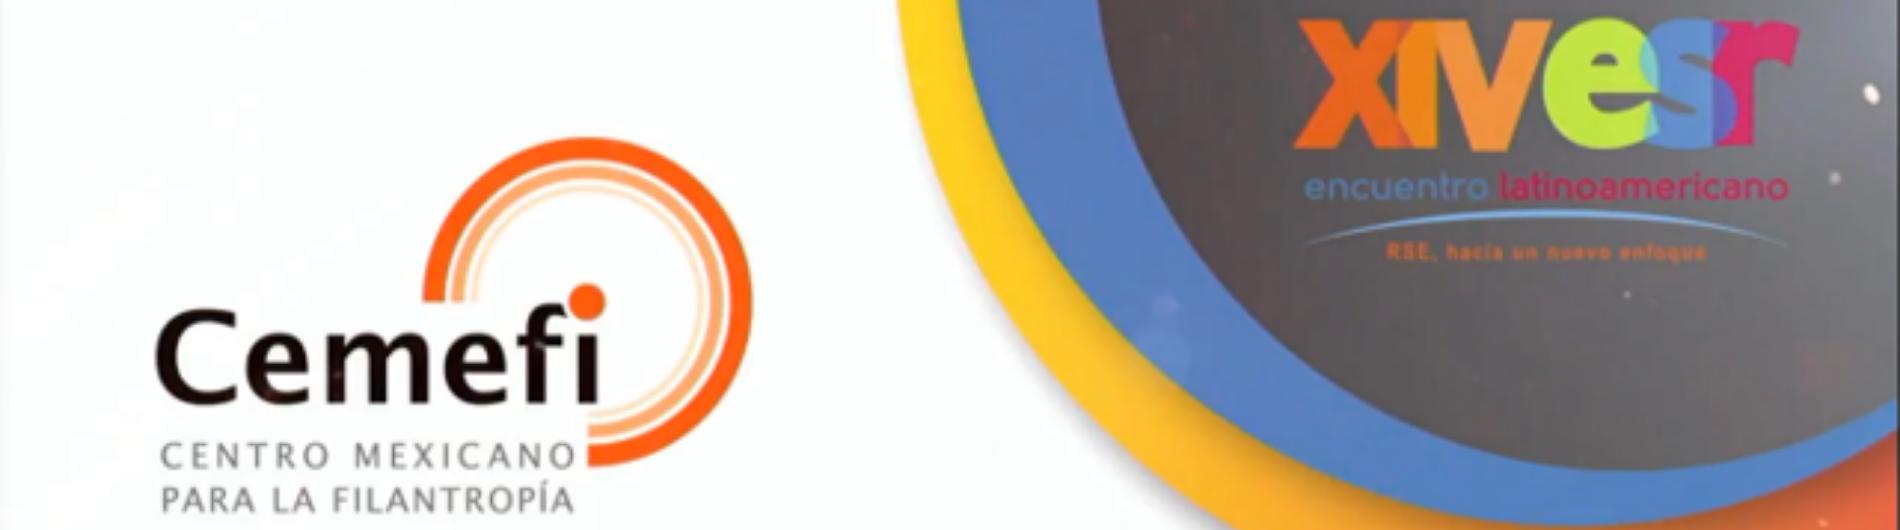 XIV Encuentro Latinoamericano de Empresas Socialmente Responsables